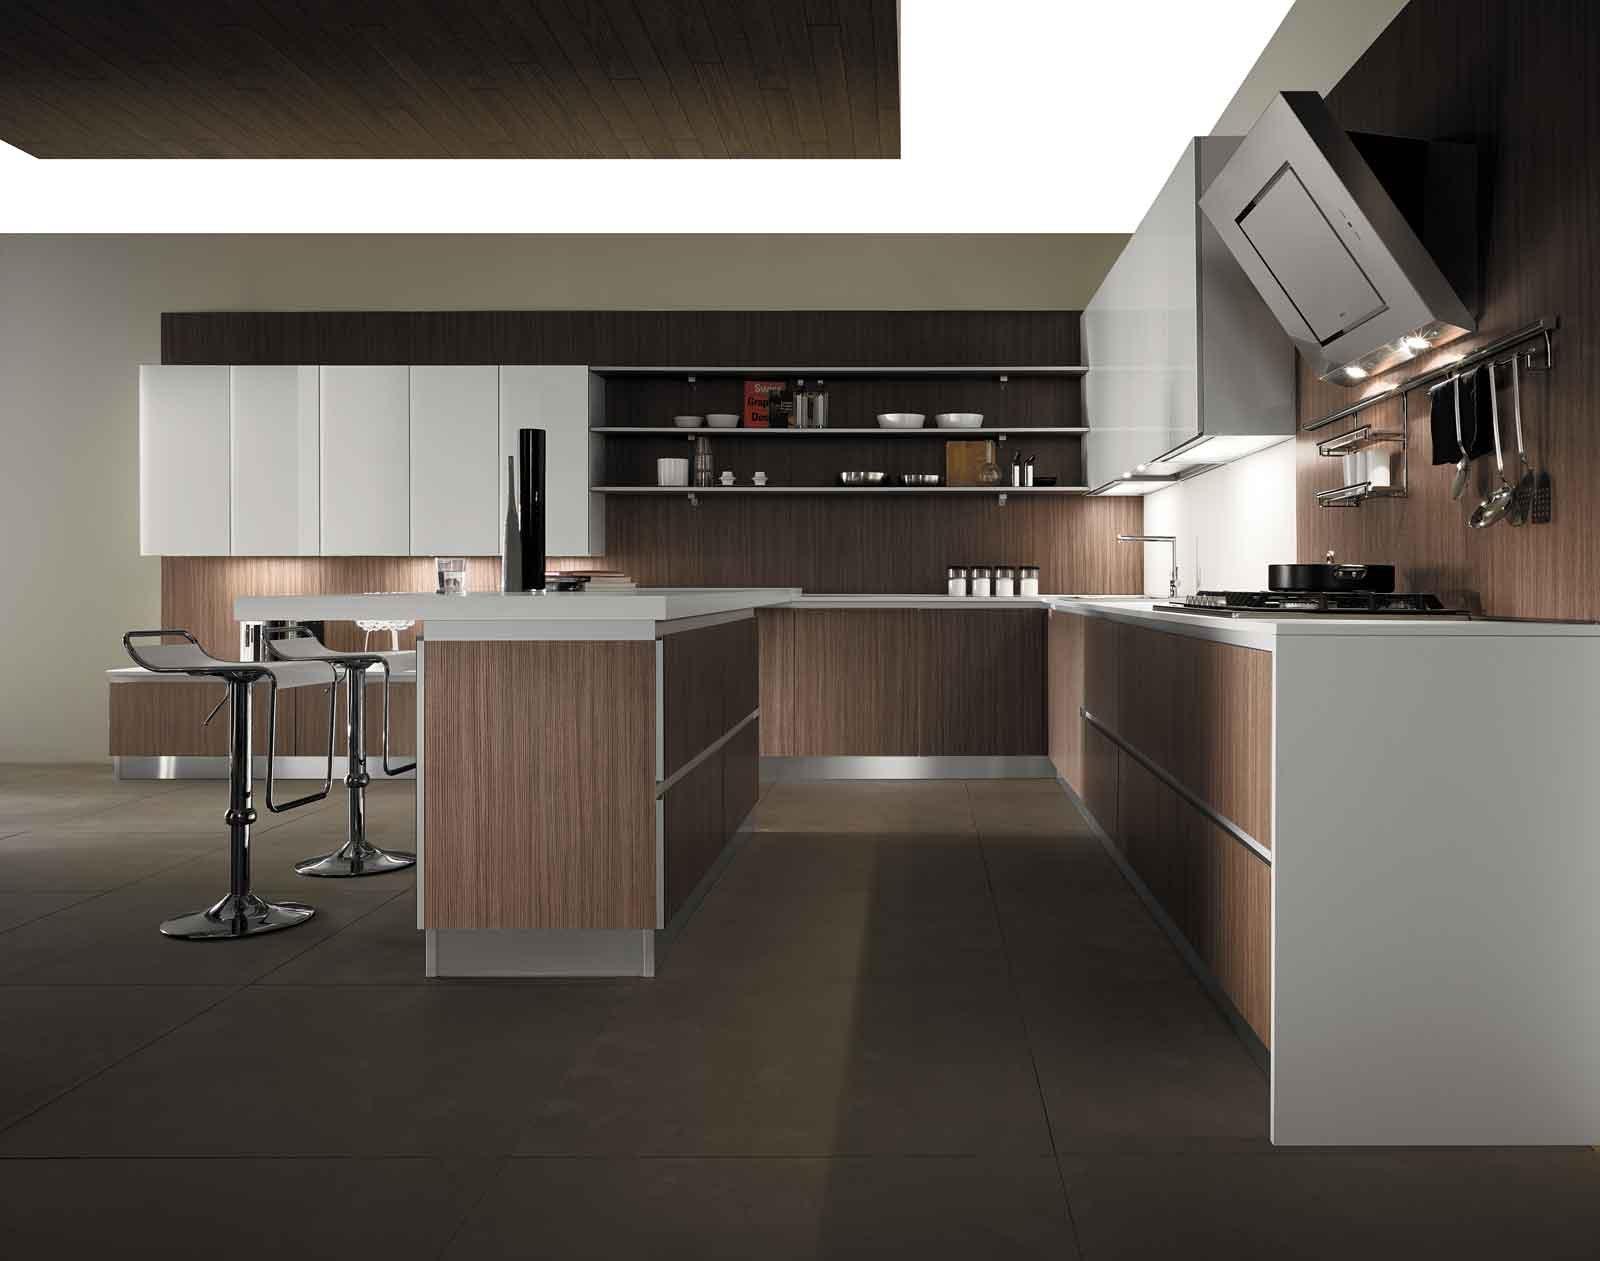 Cucine con elementi a boiserie cose di casa - Cucine mobilturi ...